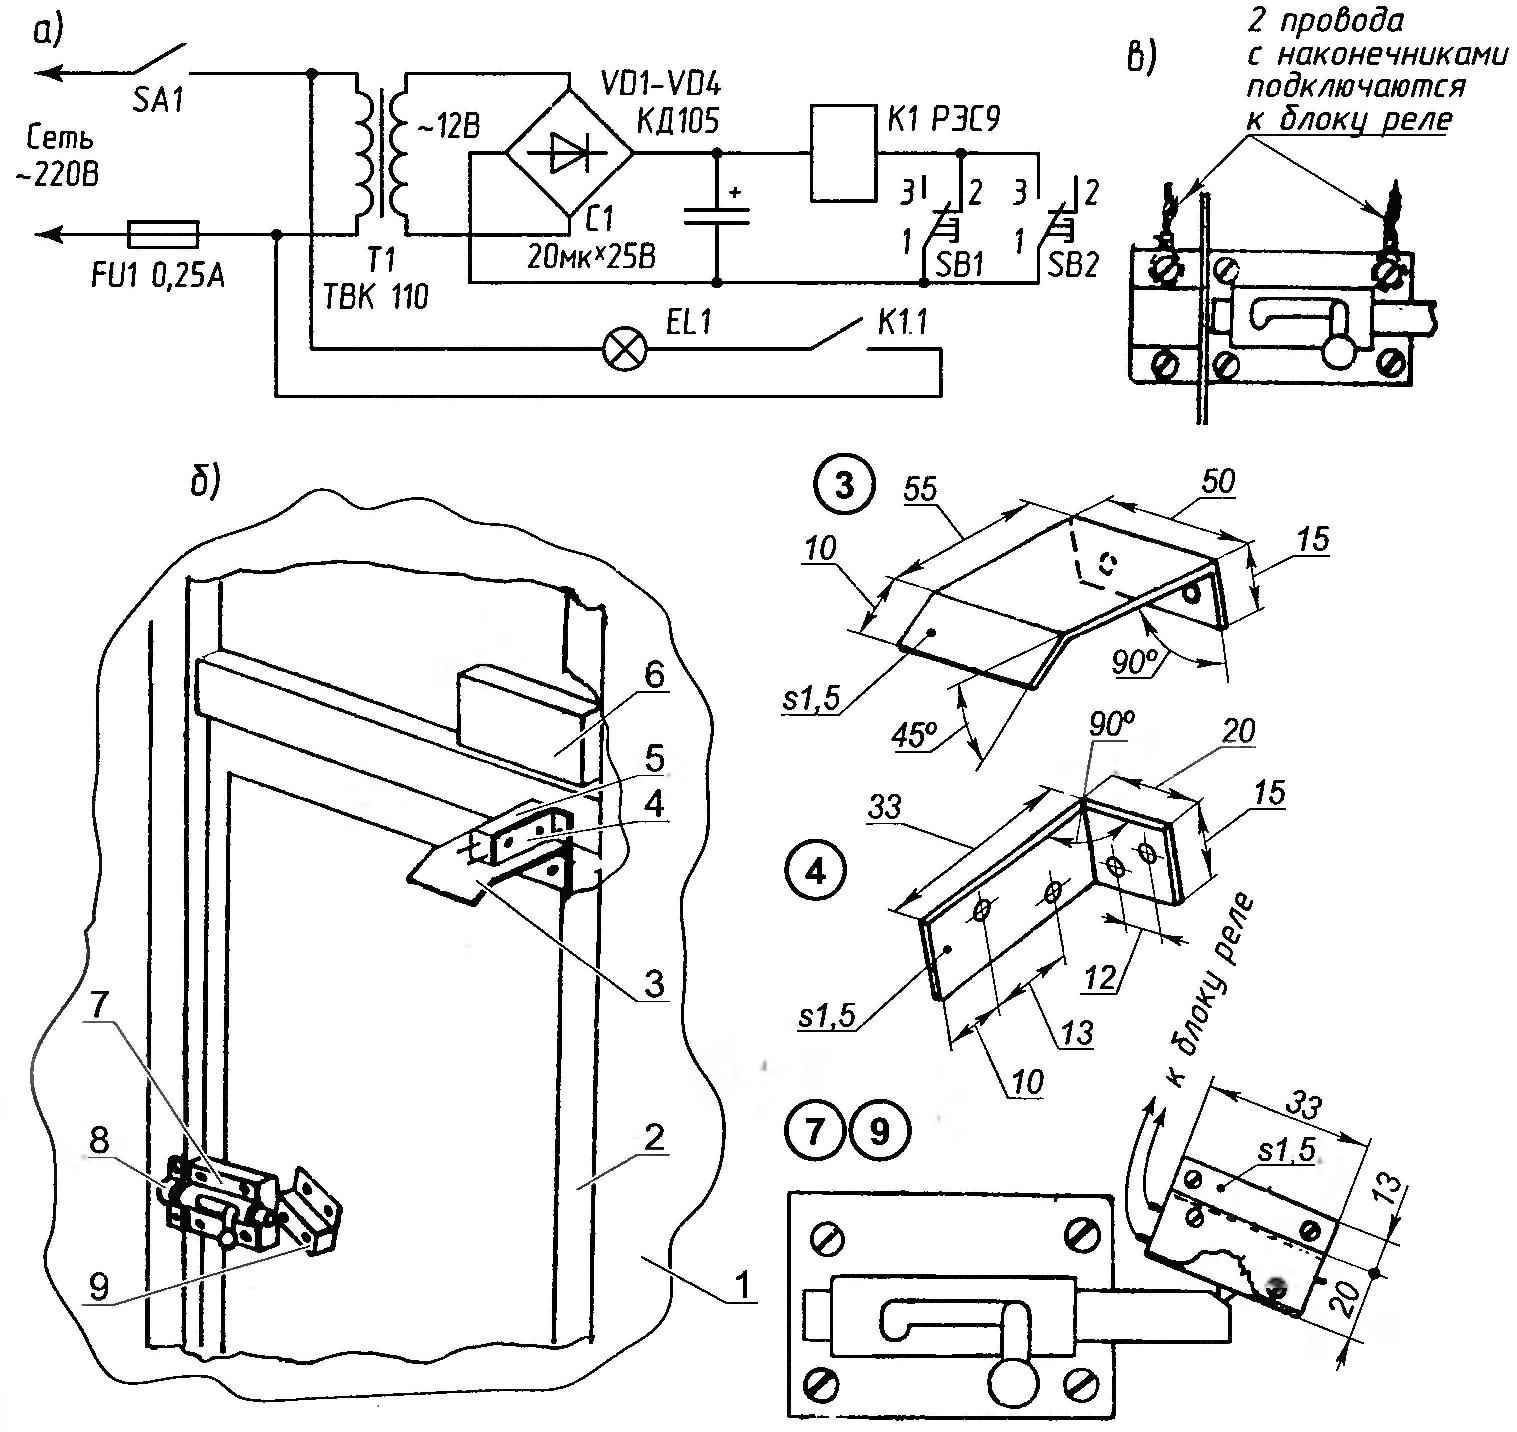 Принципиальная электрическая схема автомата управления освещением ванны или туалетной комнаты, особенности его монтажа и возможность использования шпингалета вместо микропереключателя SВ1